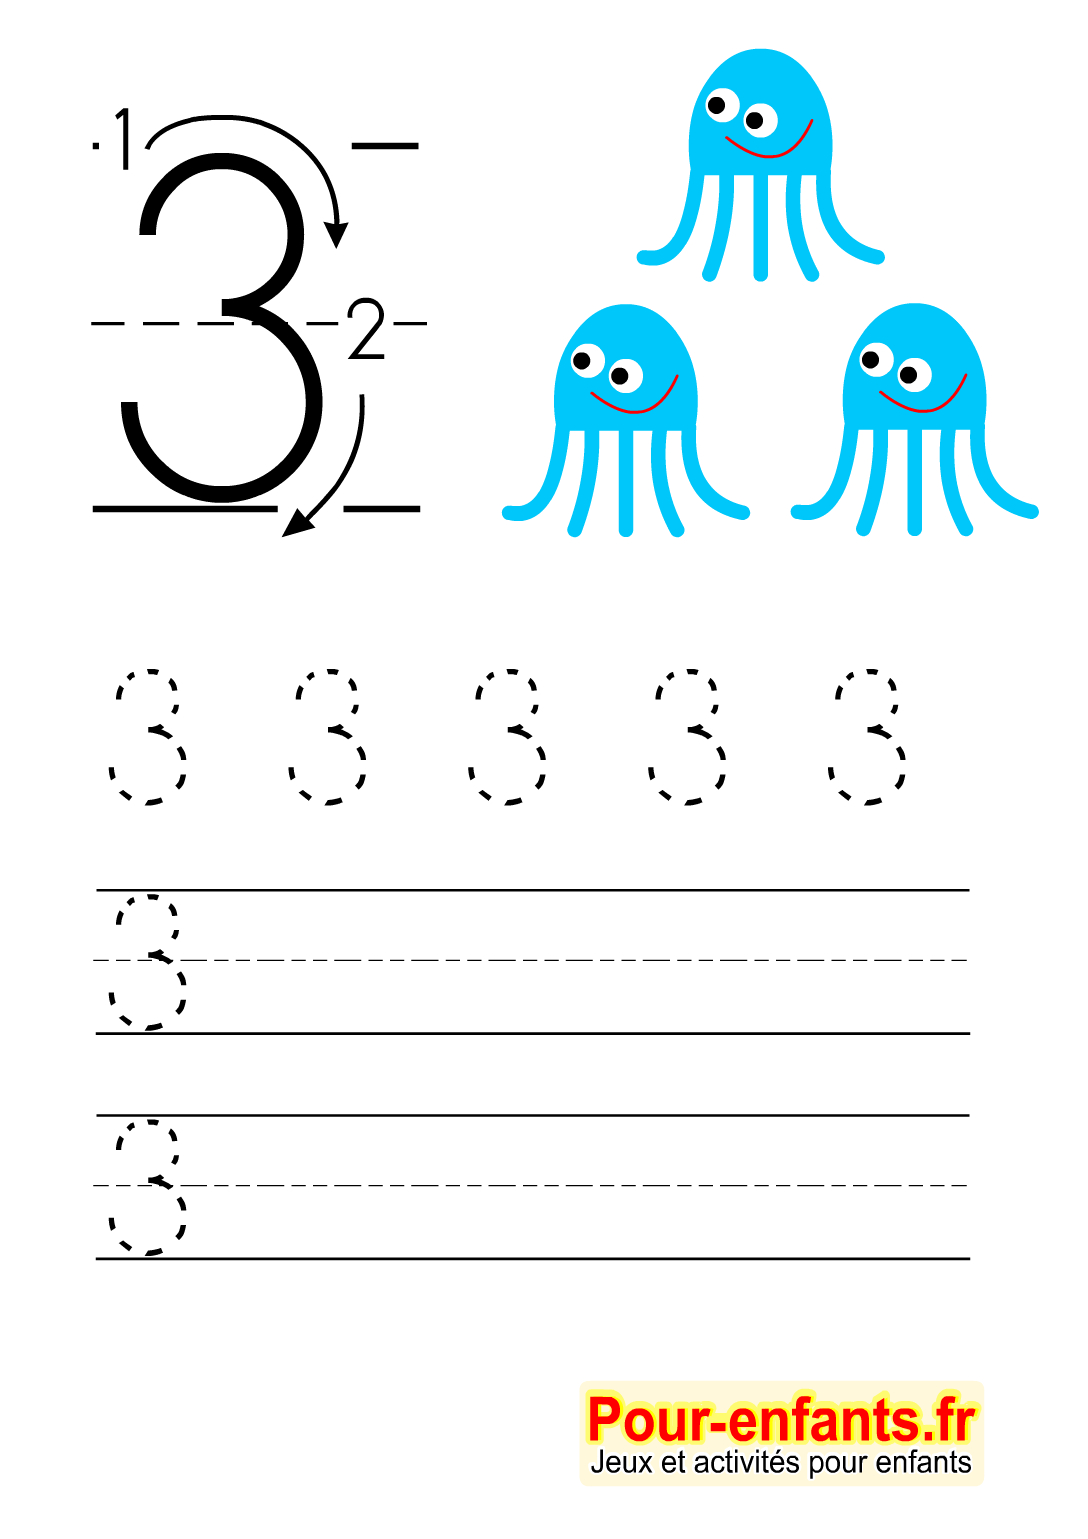 Imprimer Ecrire Les Chiffres En Maternelle  Apprendre destiné Fiche D Ecriture Pour Maternelle A Imprimer